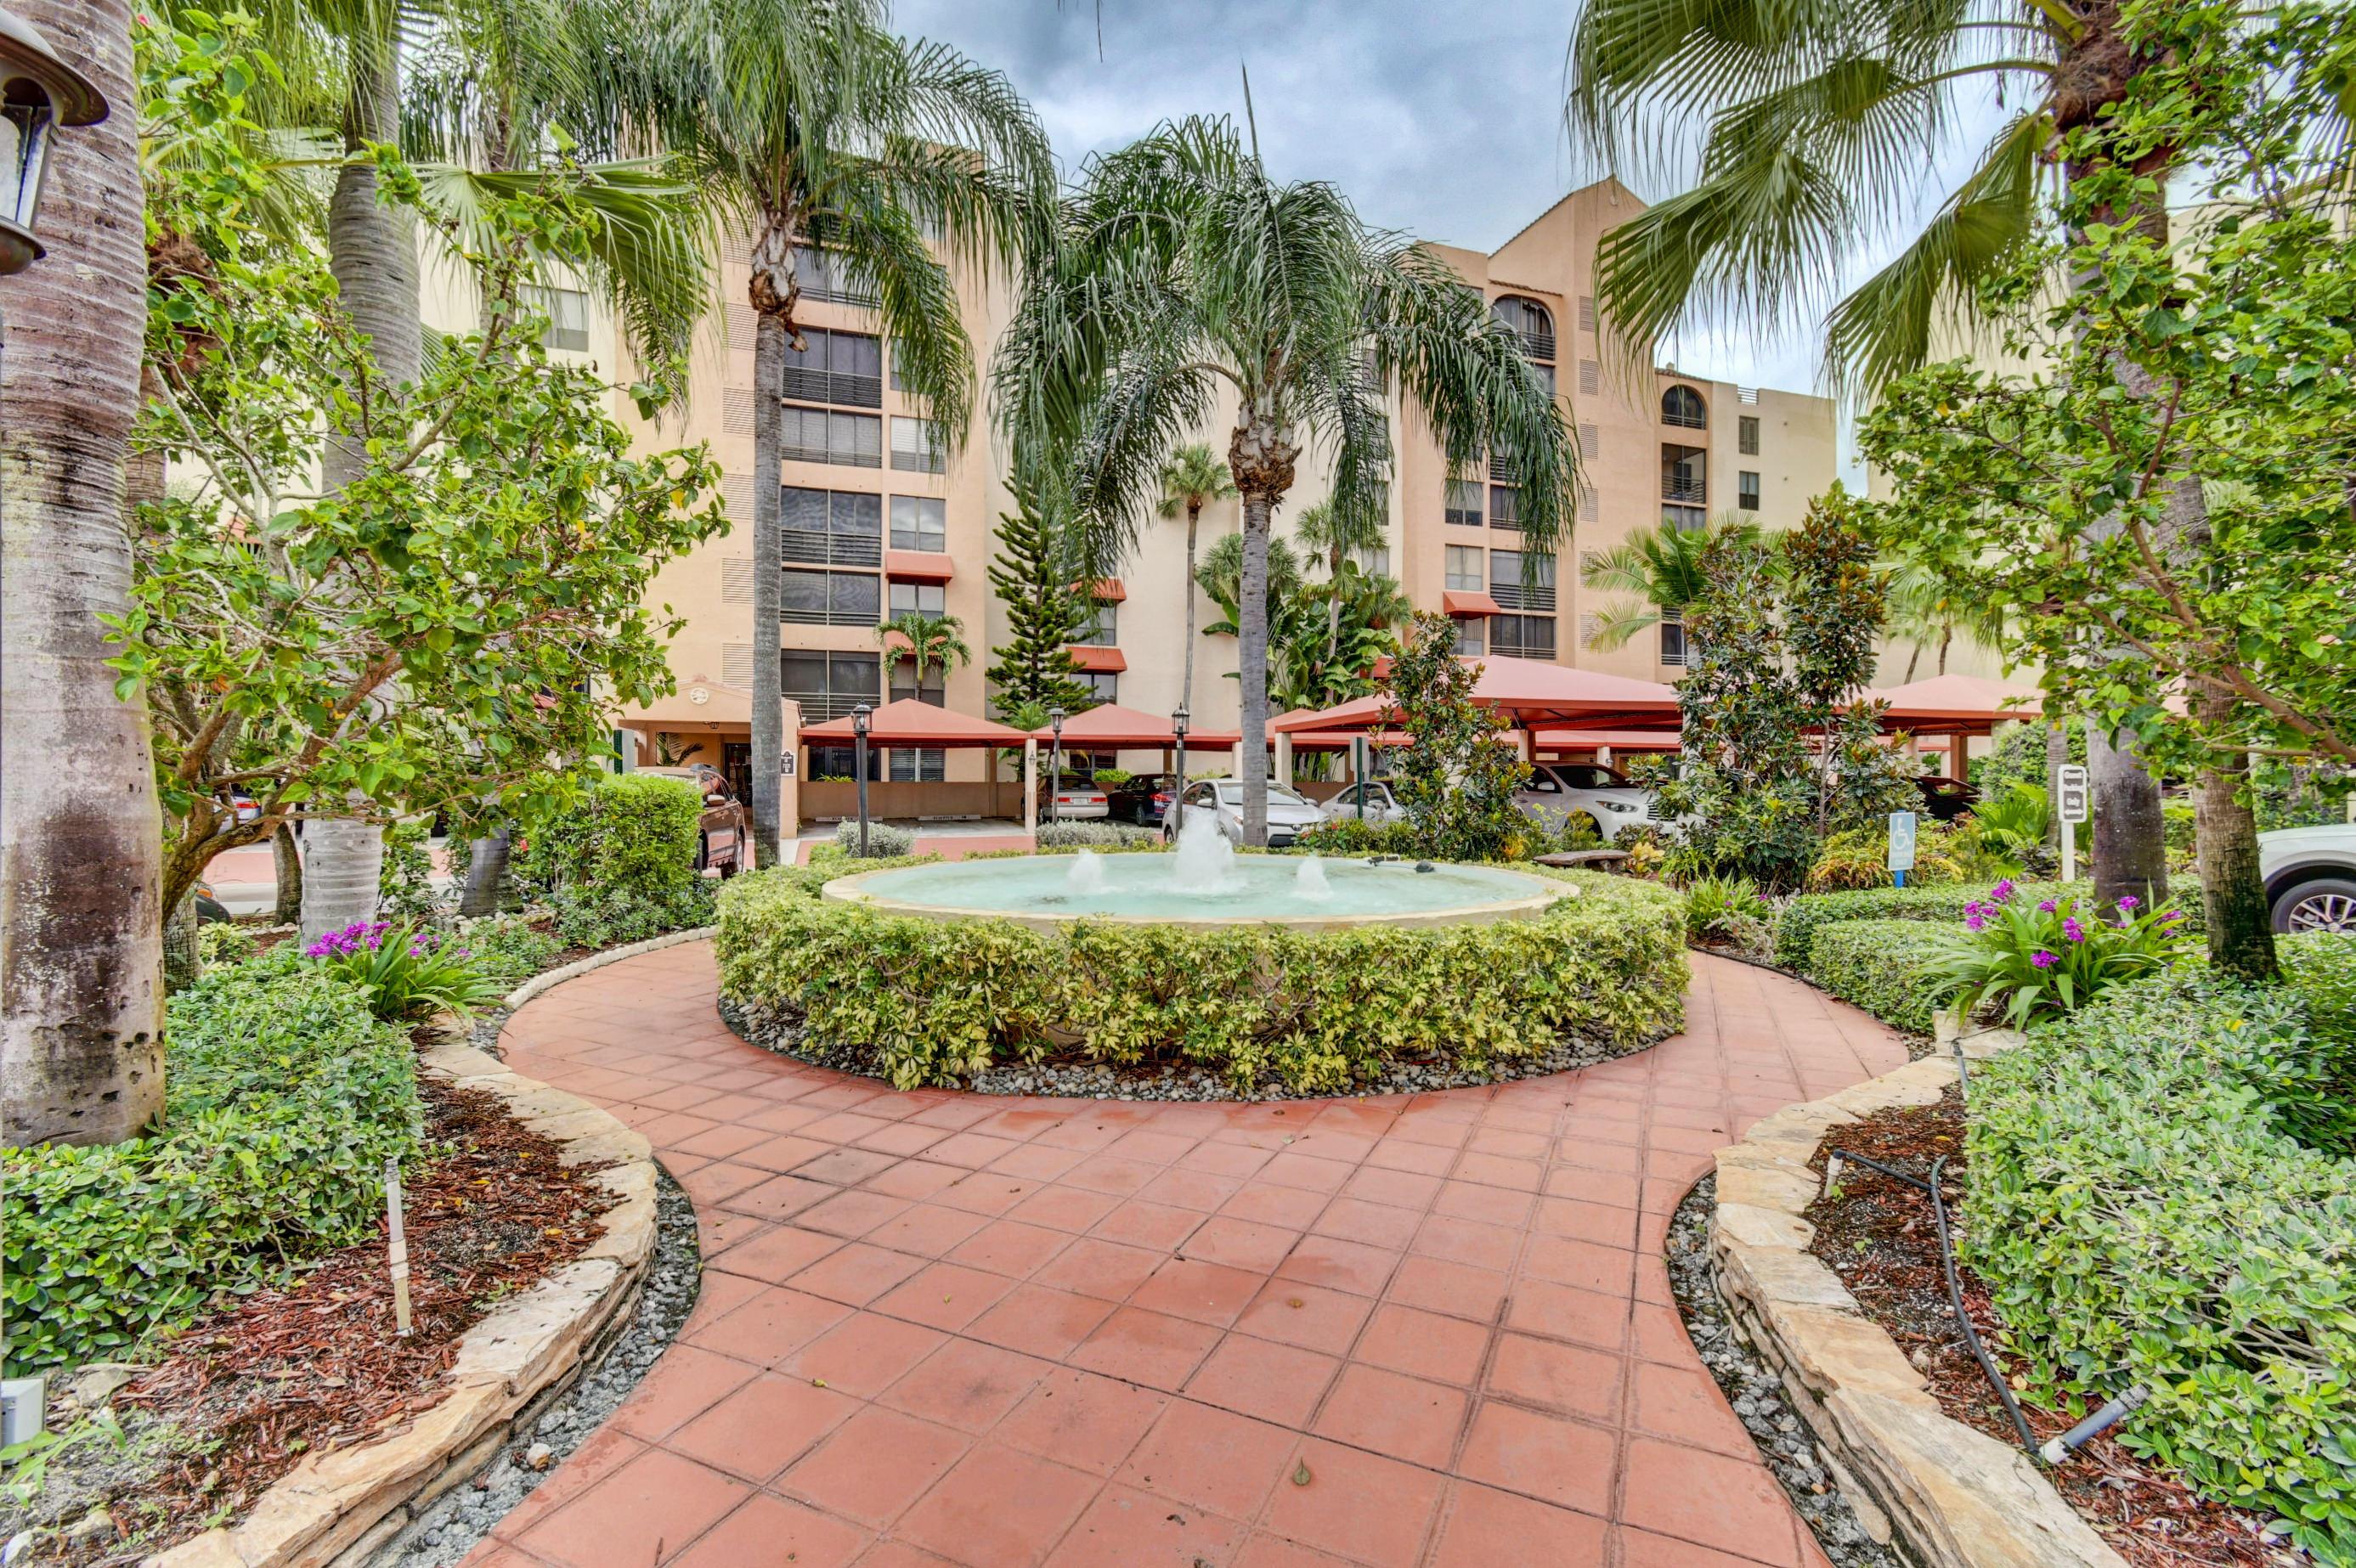 7217 Promenade Drive UNIT #702 Boca Raton, FL 33433